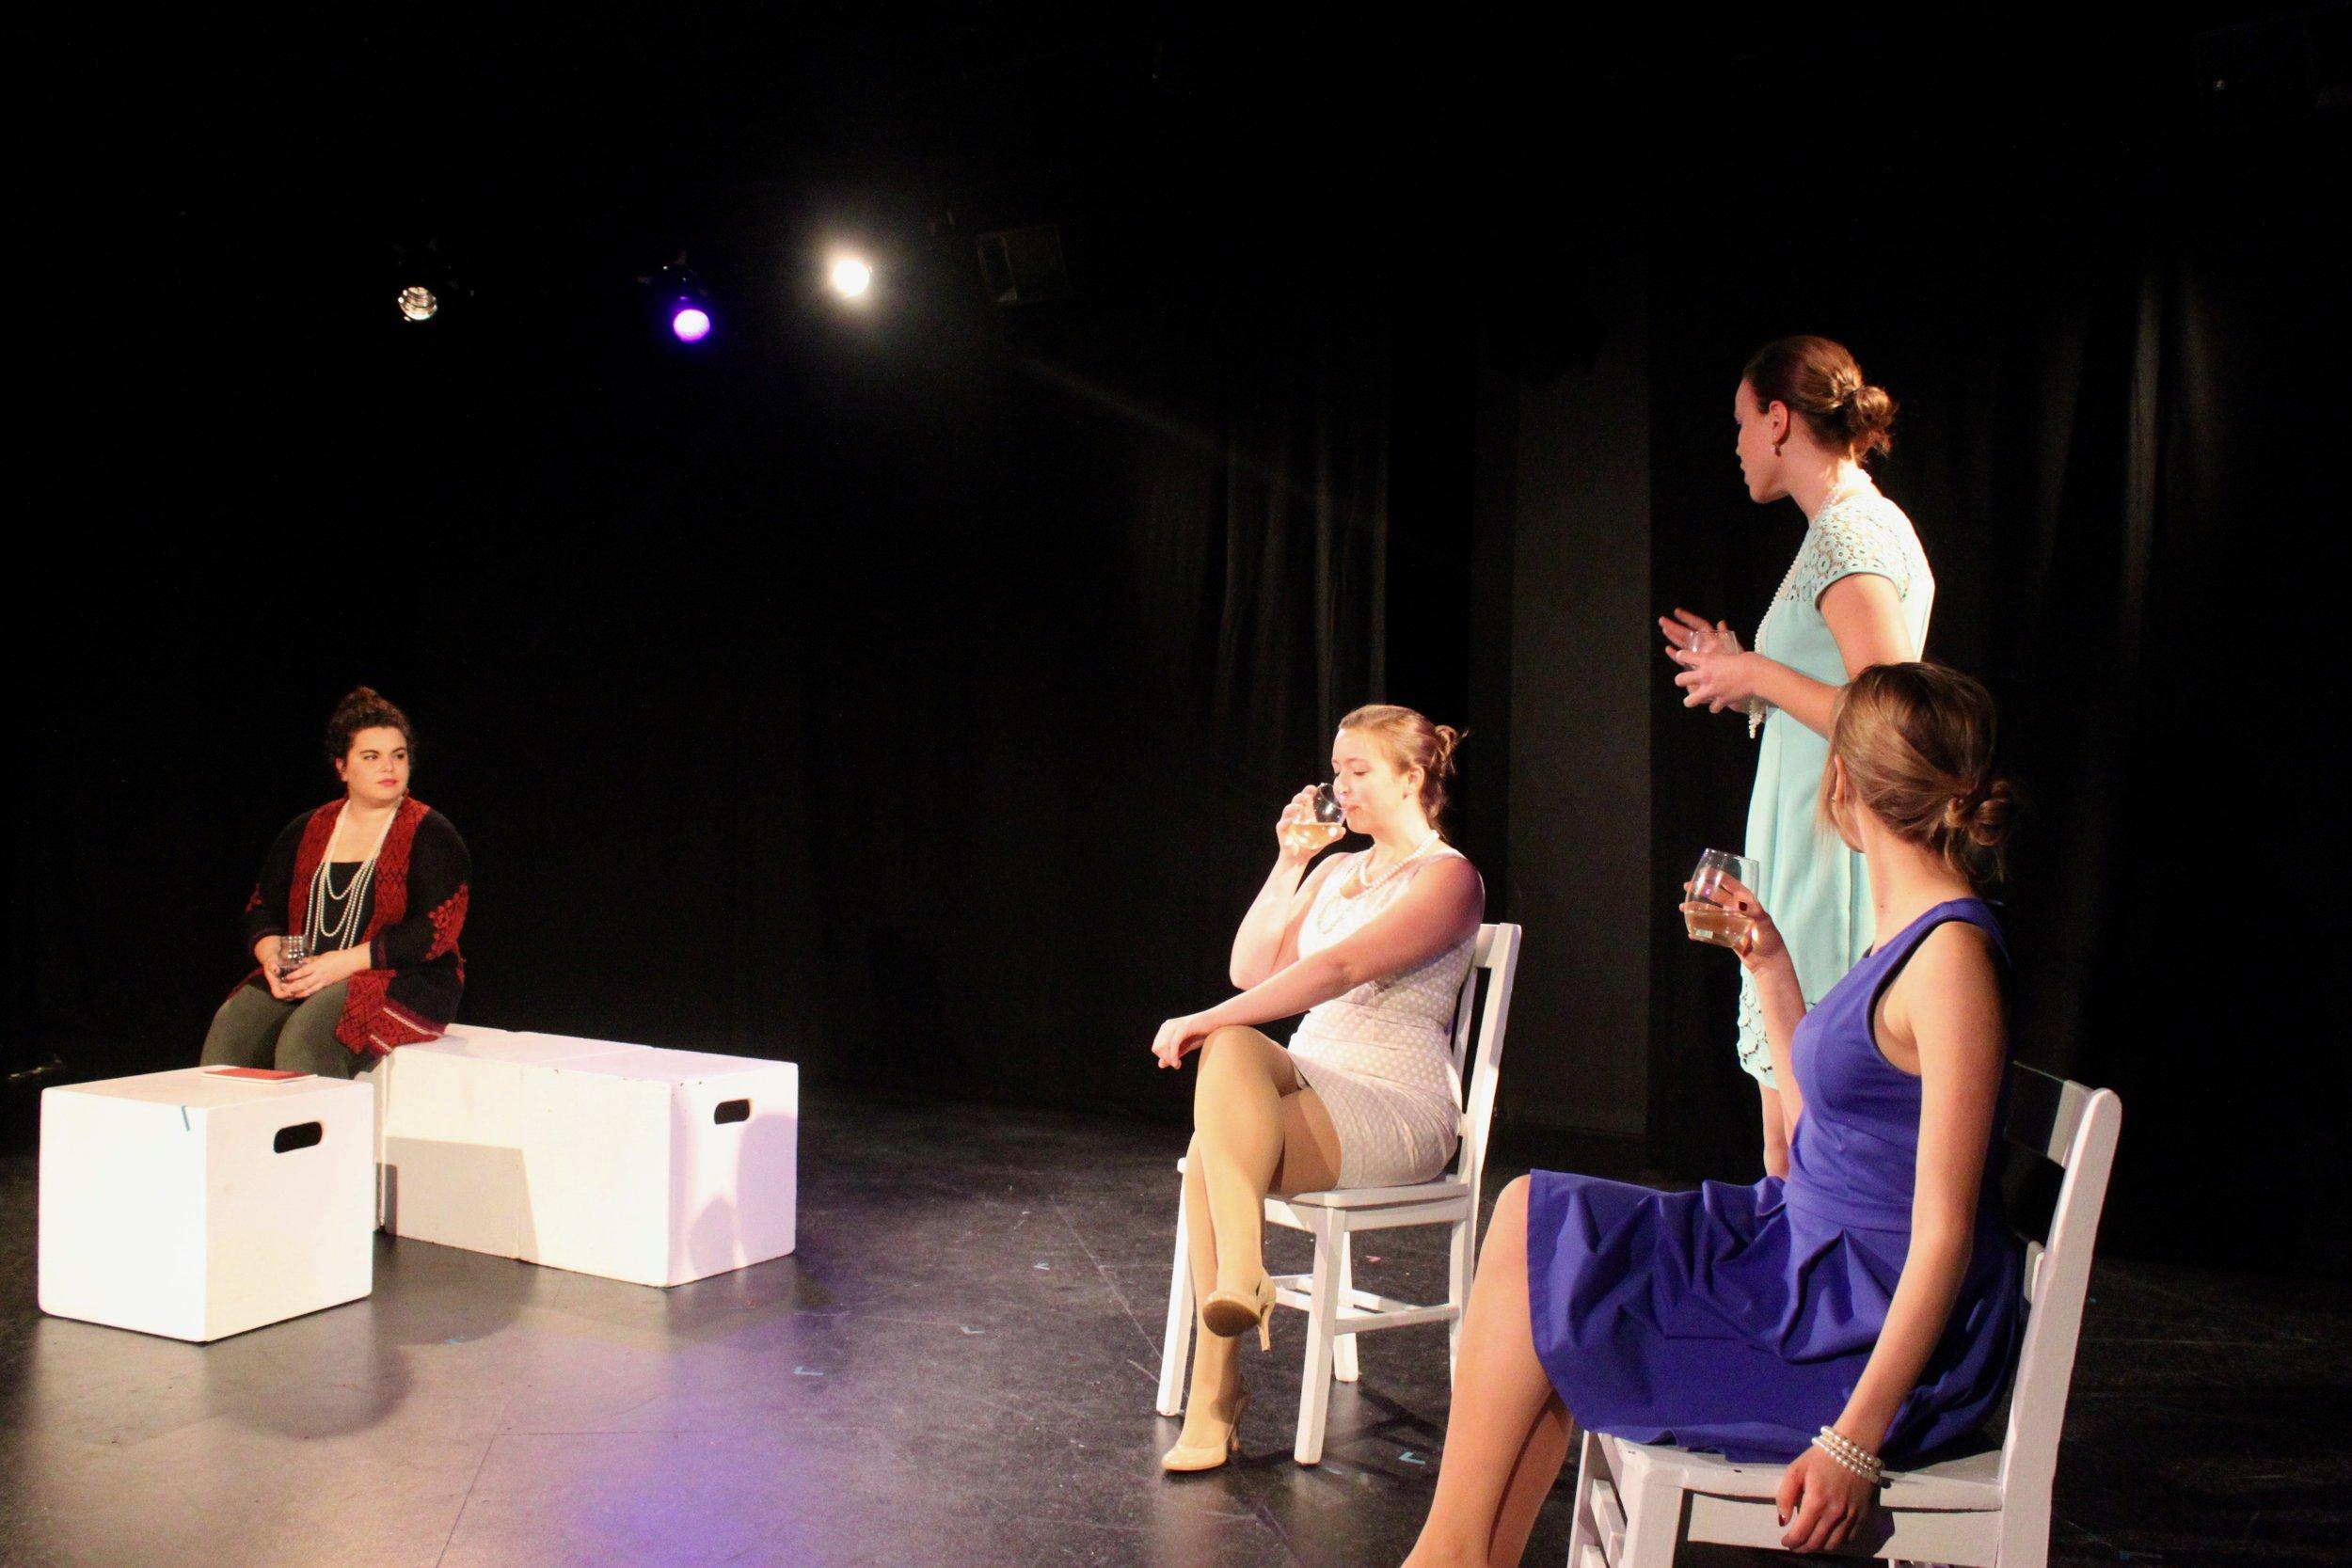 Left to right: Lydia Utter,  Taylor Beidler , Isabel Schnall,  Vassileia Kazee